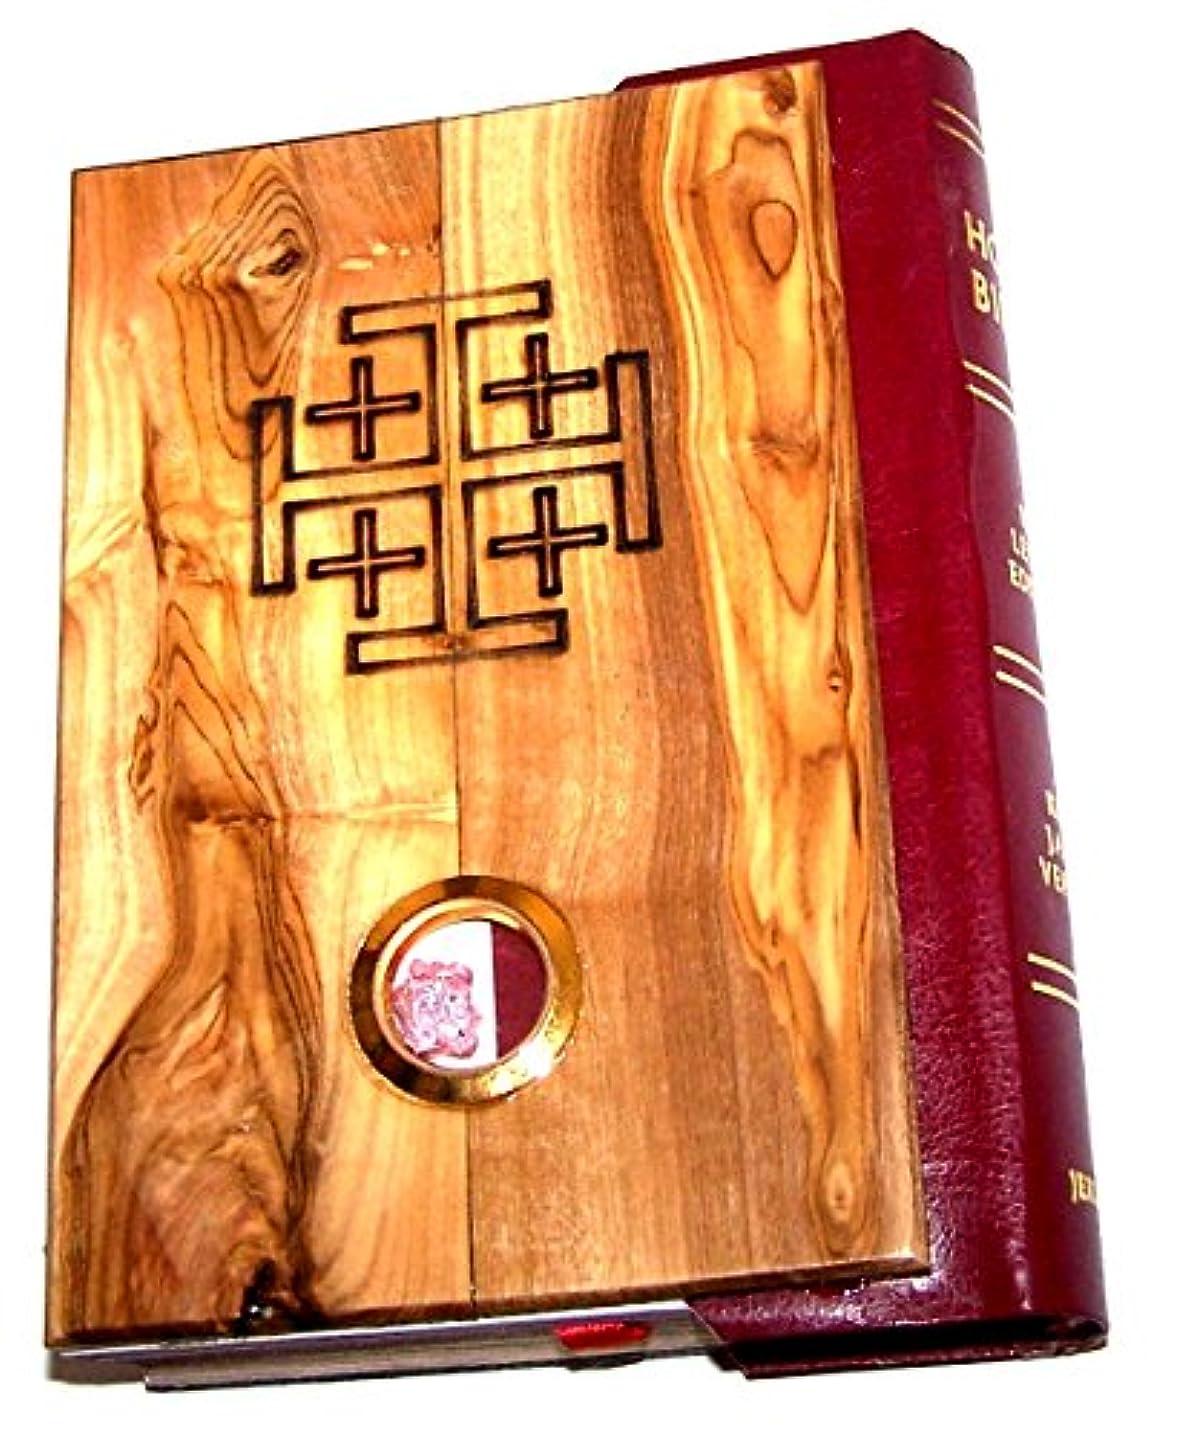 破壊土自発的Olive Wood Millennium Bible With ' Incense ' ~記念すべきKing James Version of the Old and the New Testament